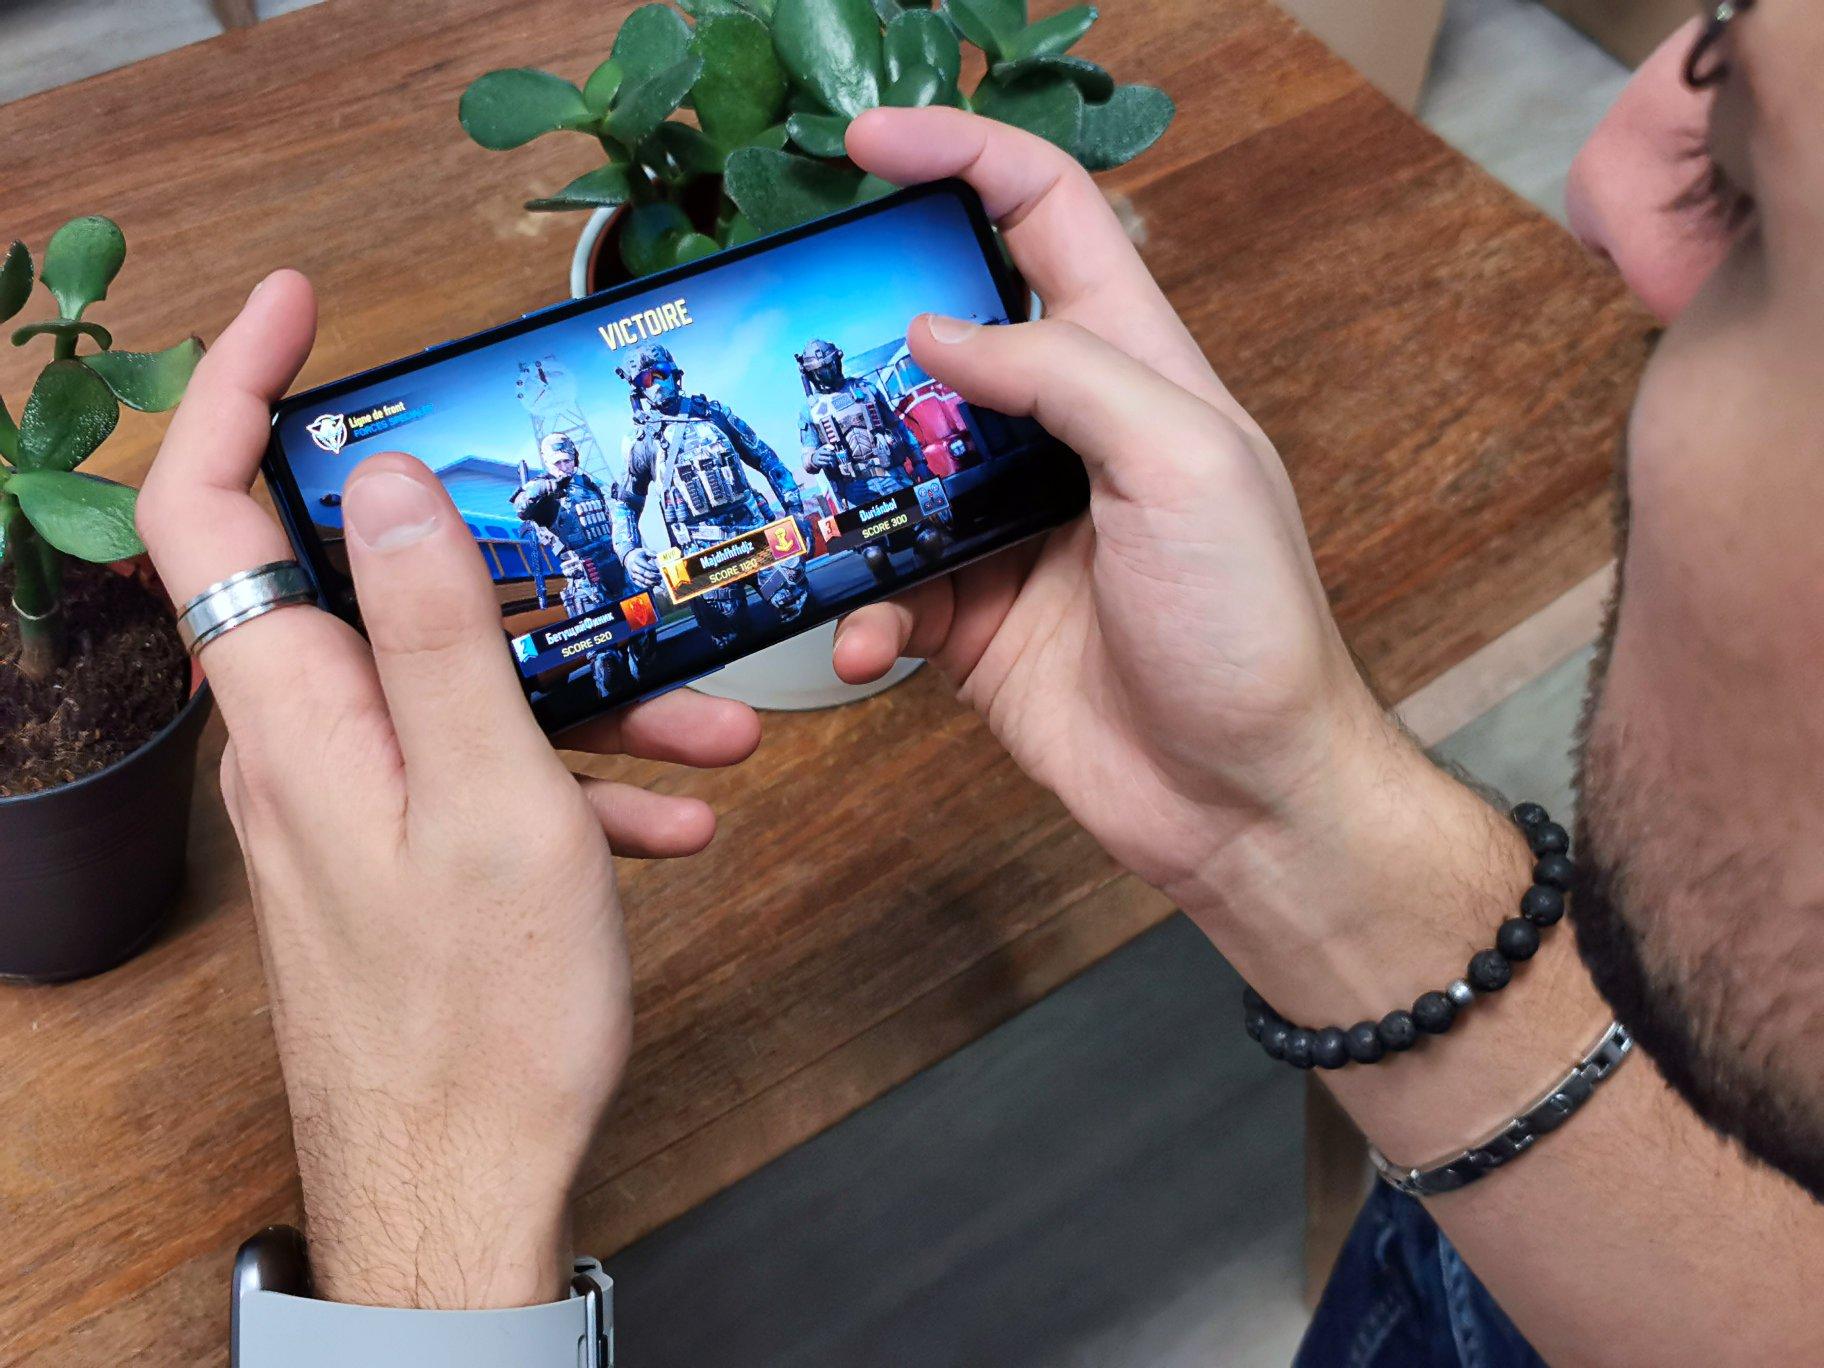 Les Meilleurs Fps Et Tps (Jeux De Tir) Sur Android Et Iphone avec Tout Les Jeux Gratuit En Ligne